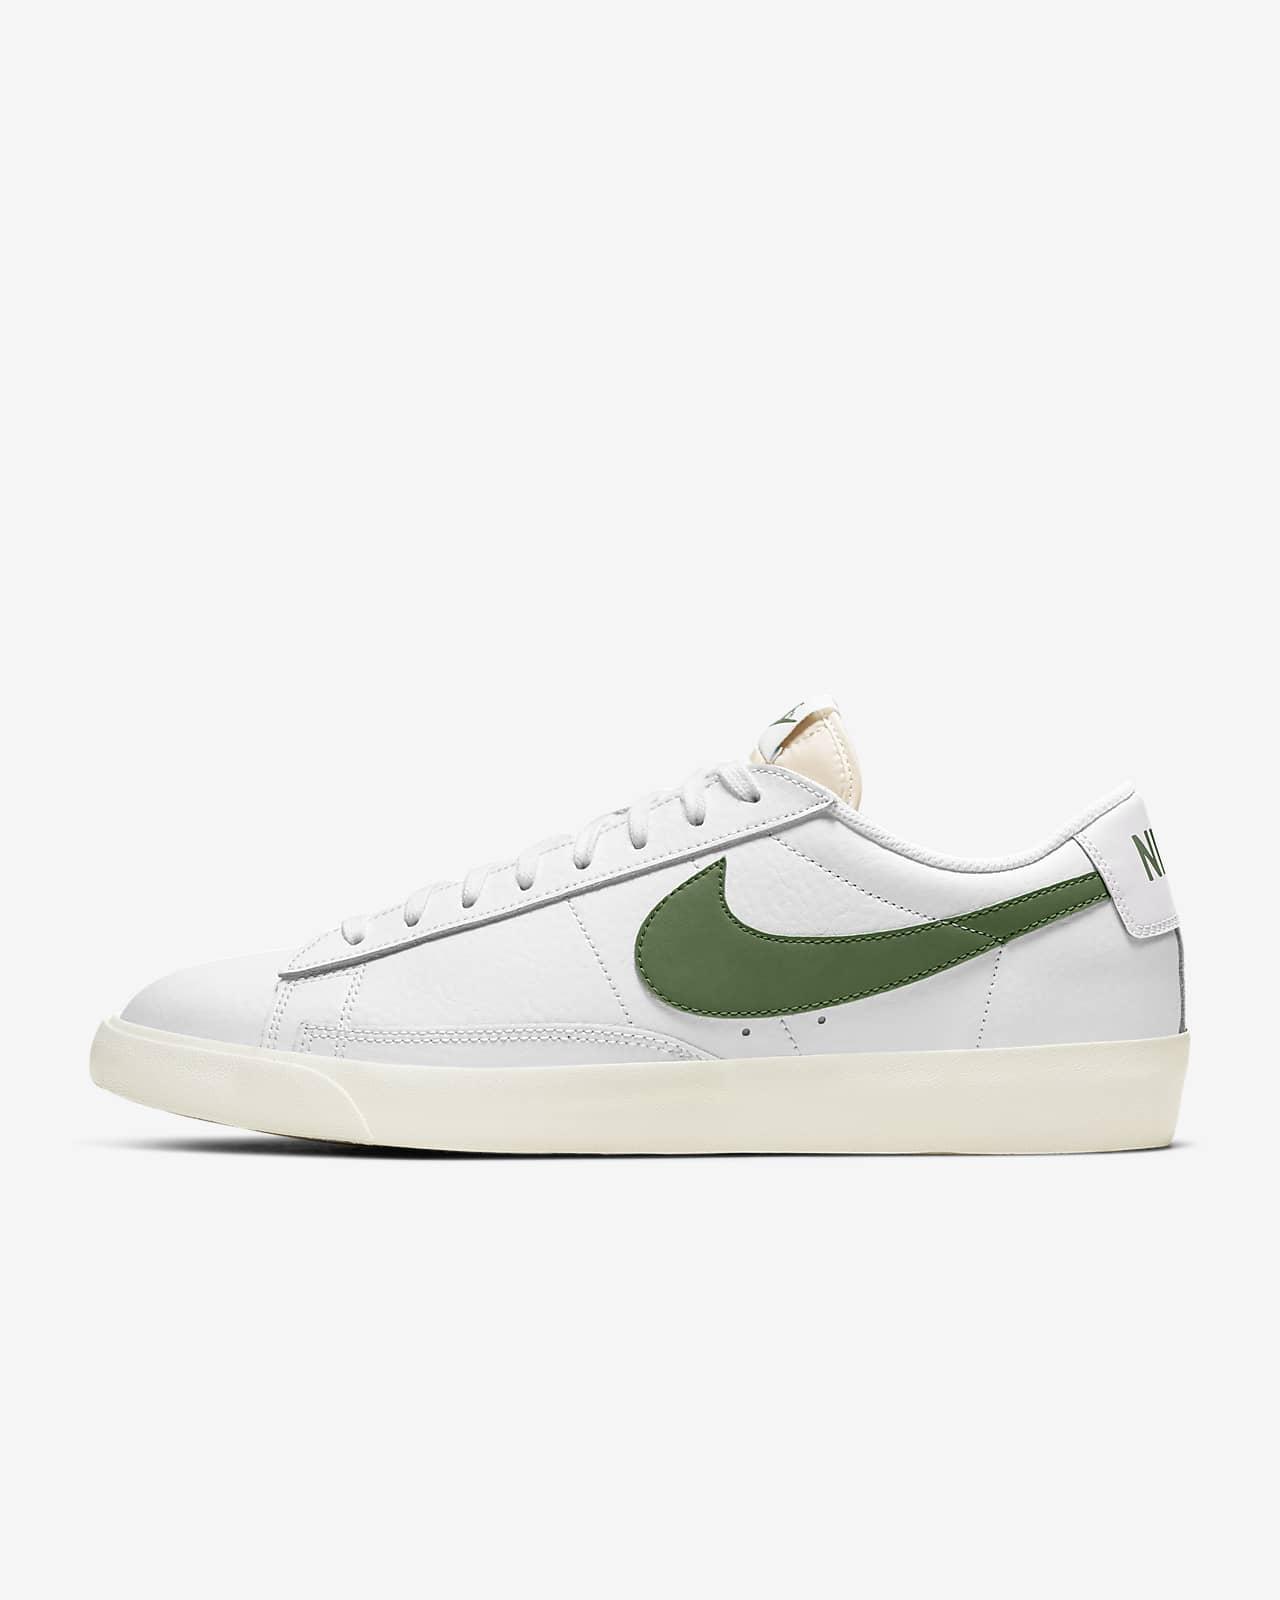 Pánská bota Nike Blazer Low Leather